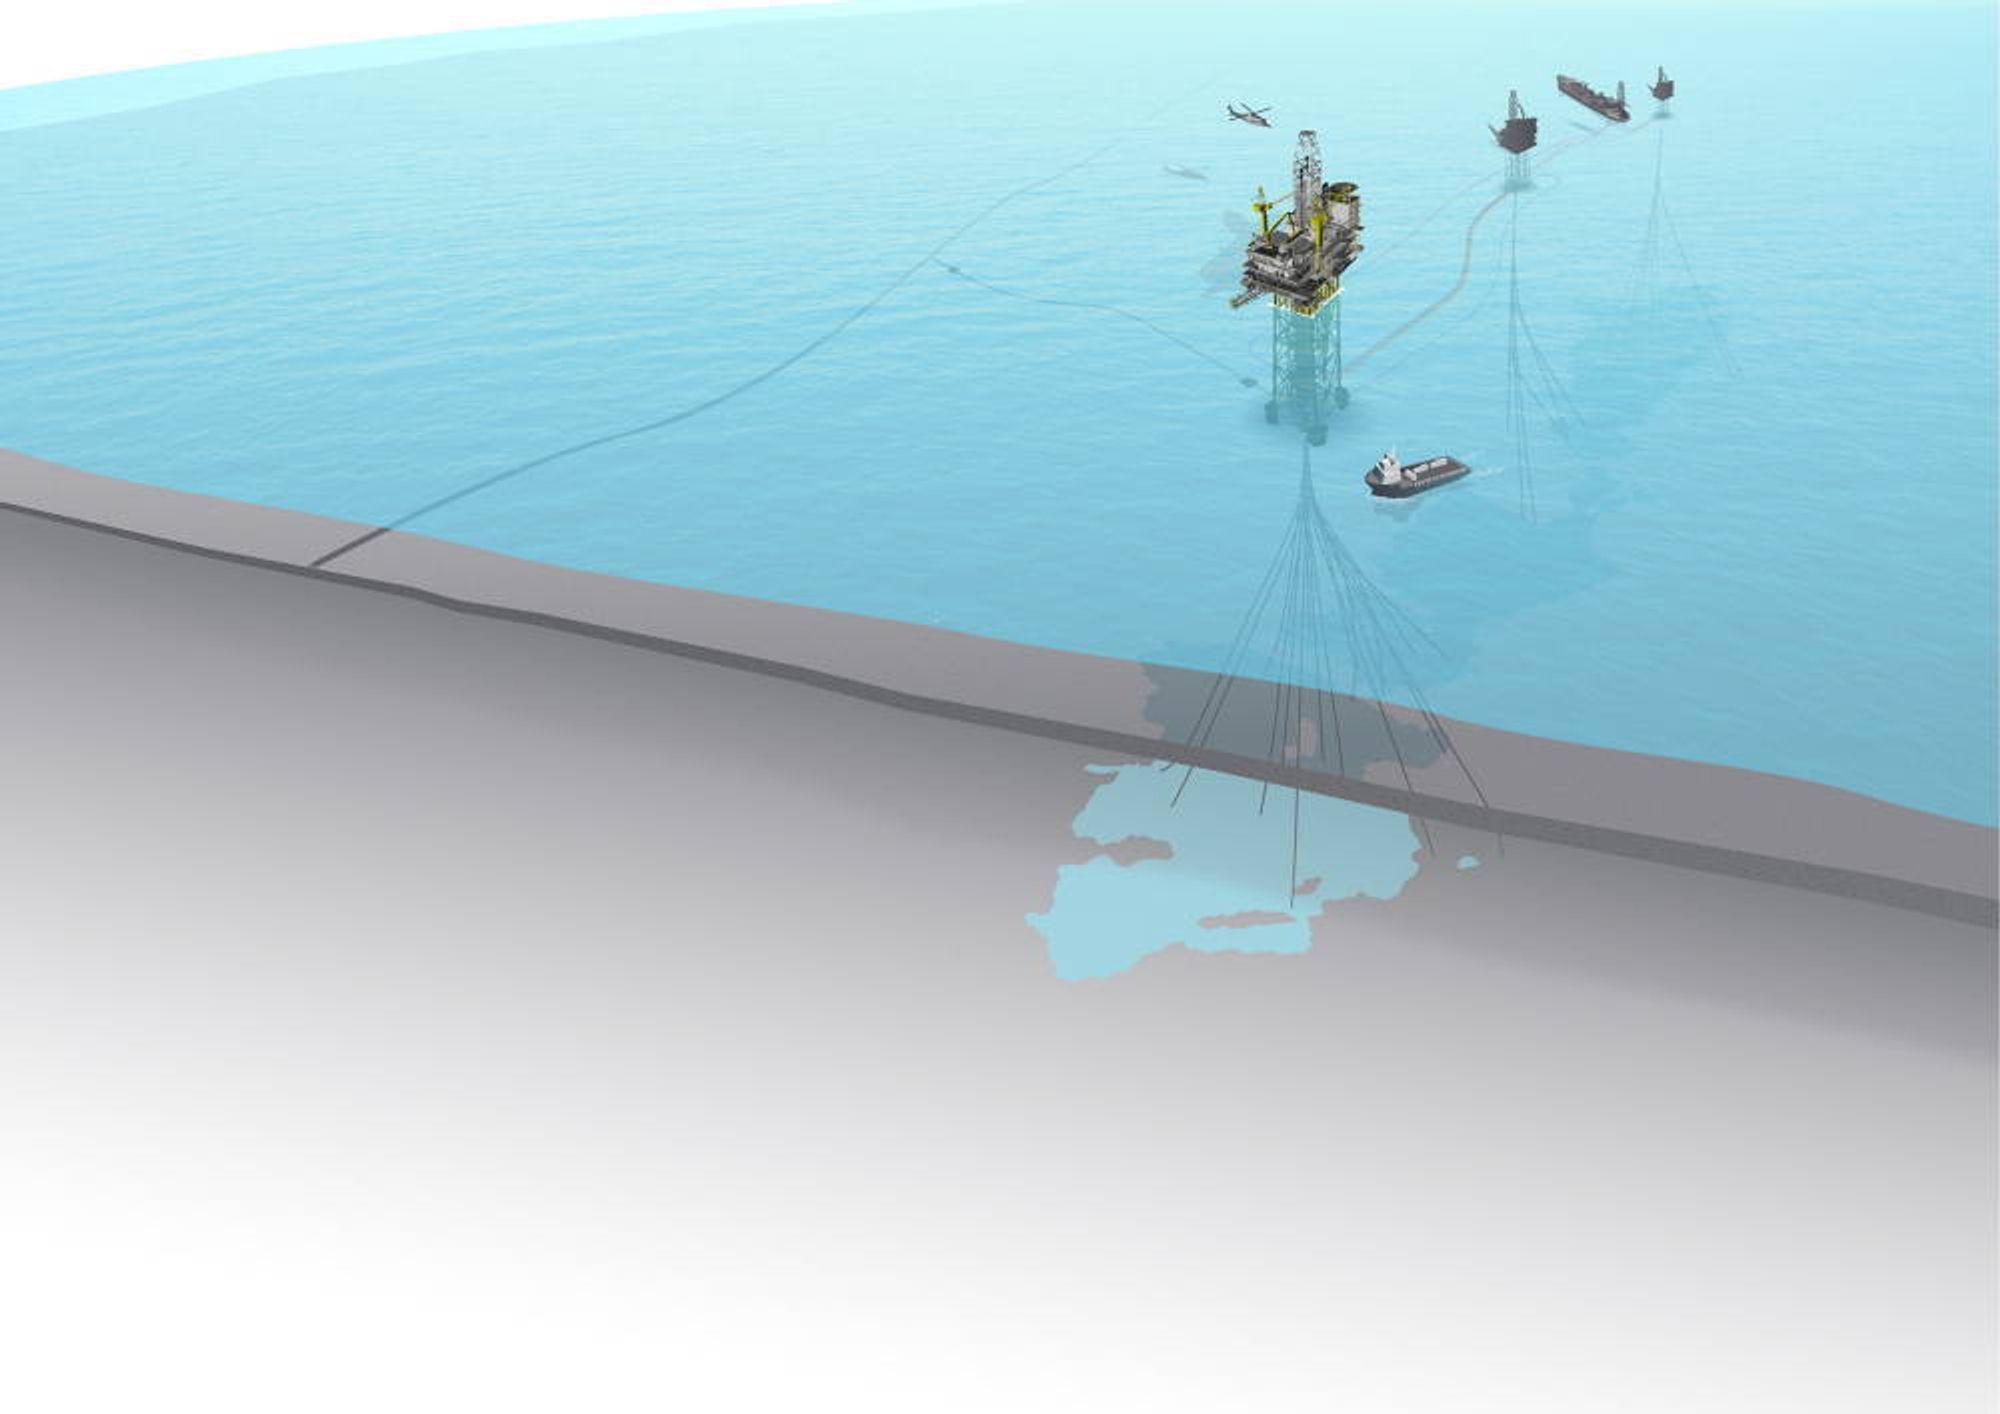 Tungoljefeltet Peregrino er blant Statoils satsinger i Brasil.